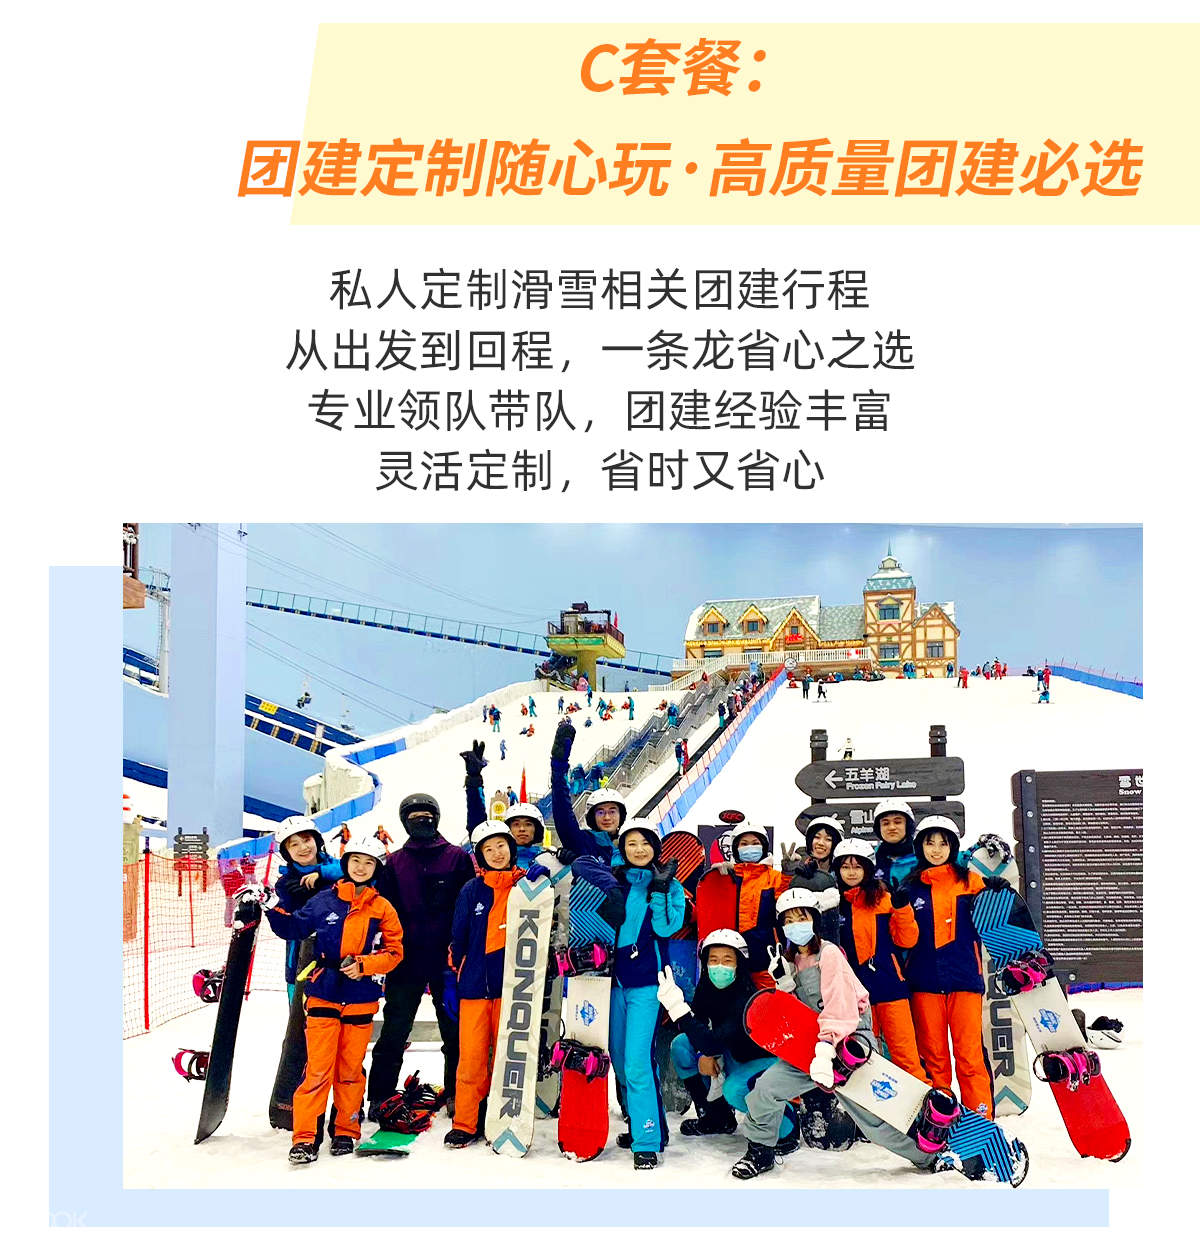 广州融创单板滑雪大合照